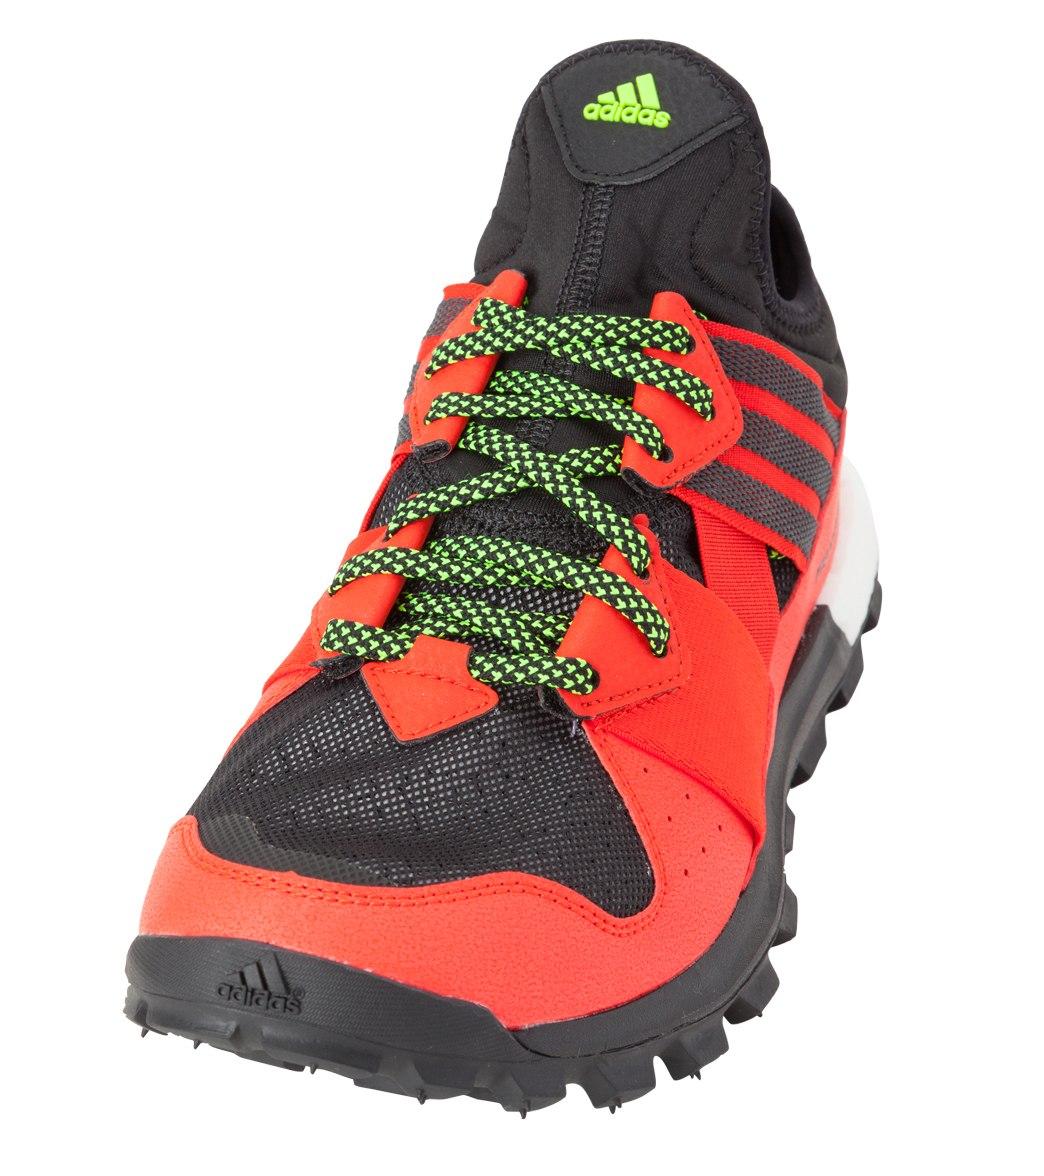 Adidas Trail Boost 1